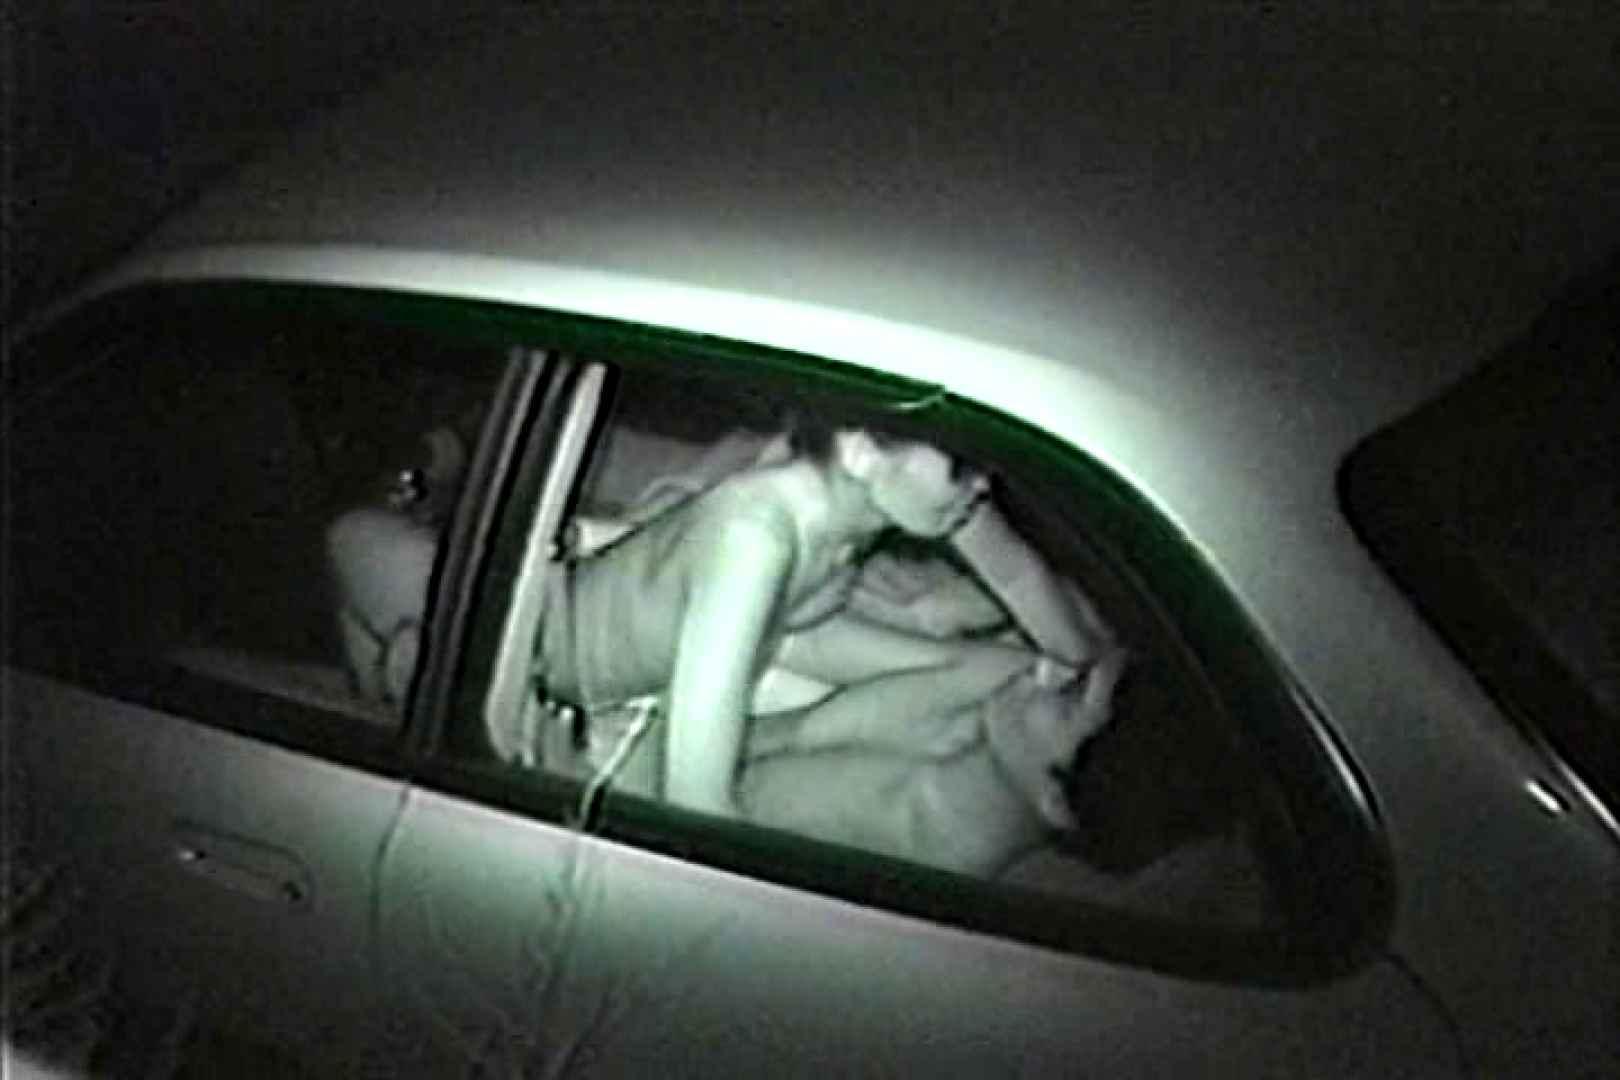 車の中はラブホテル 無修正版  Vol.7 セックス流出映像 ヌード画像 96連発 3